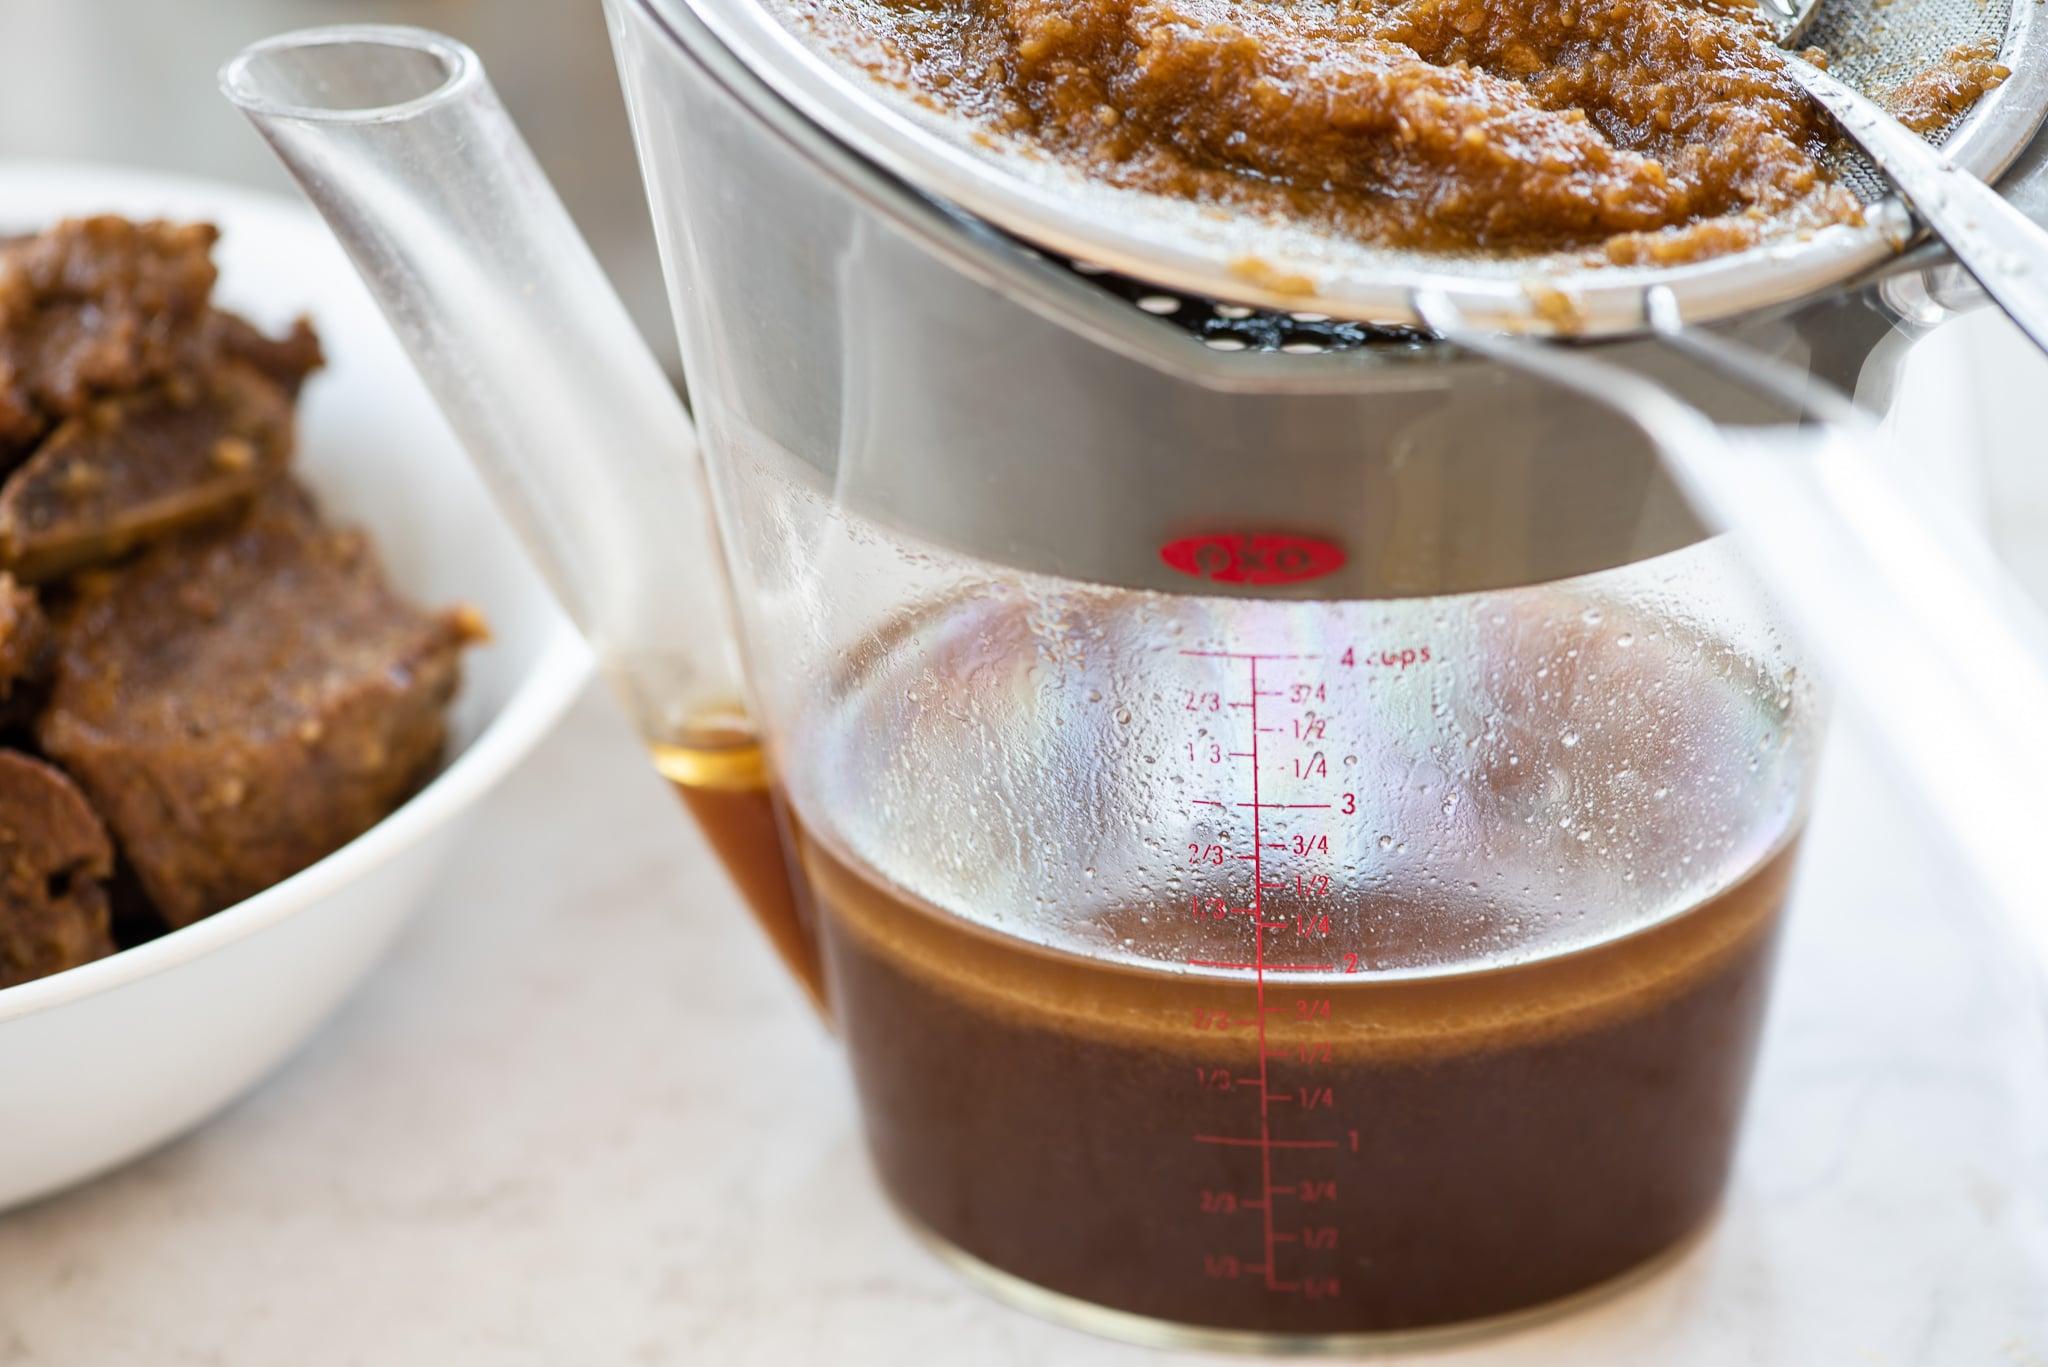 Straining the braising liquid